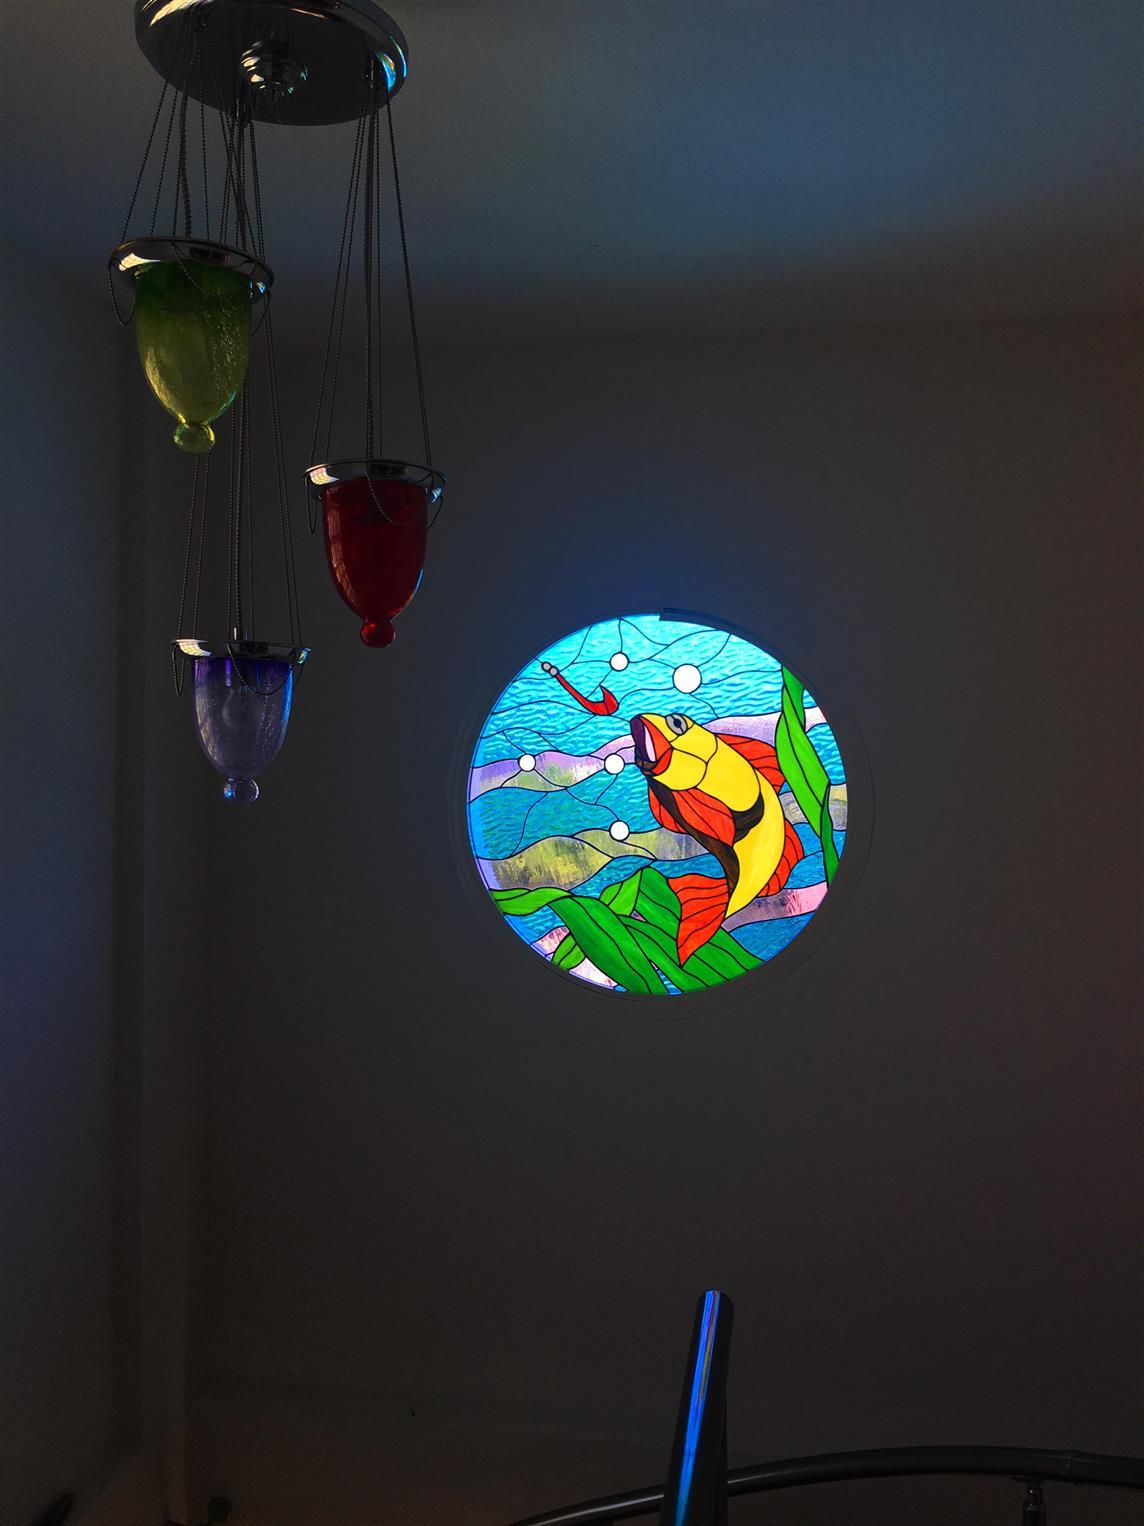 yuvarlak-pencere-vitraylari-urla20171221193947192.jpg izmir vitray çalışması